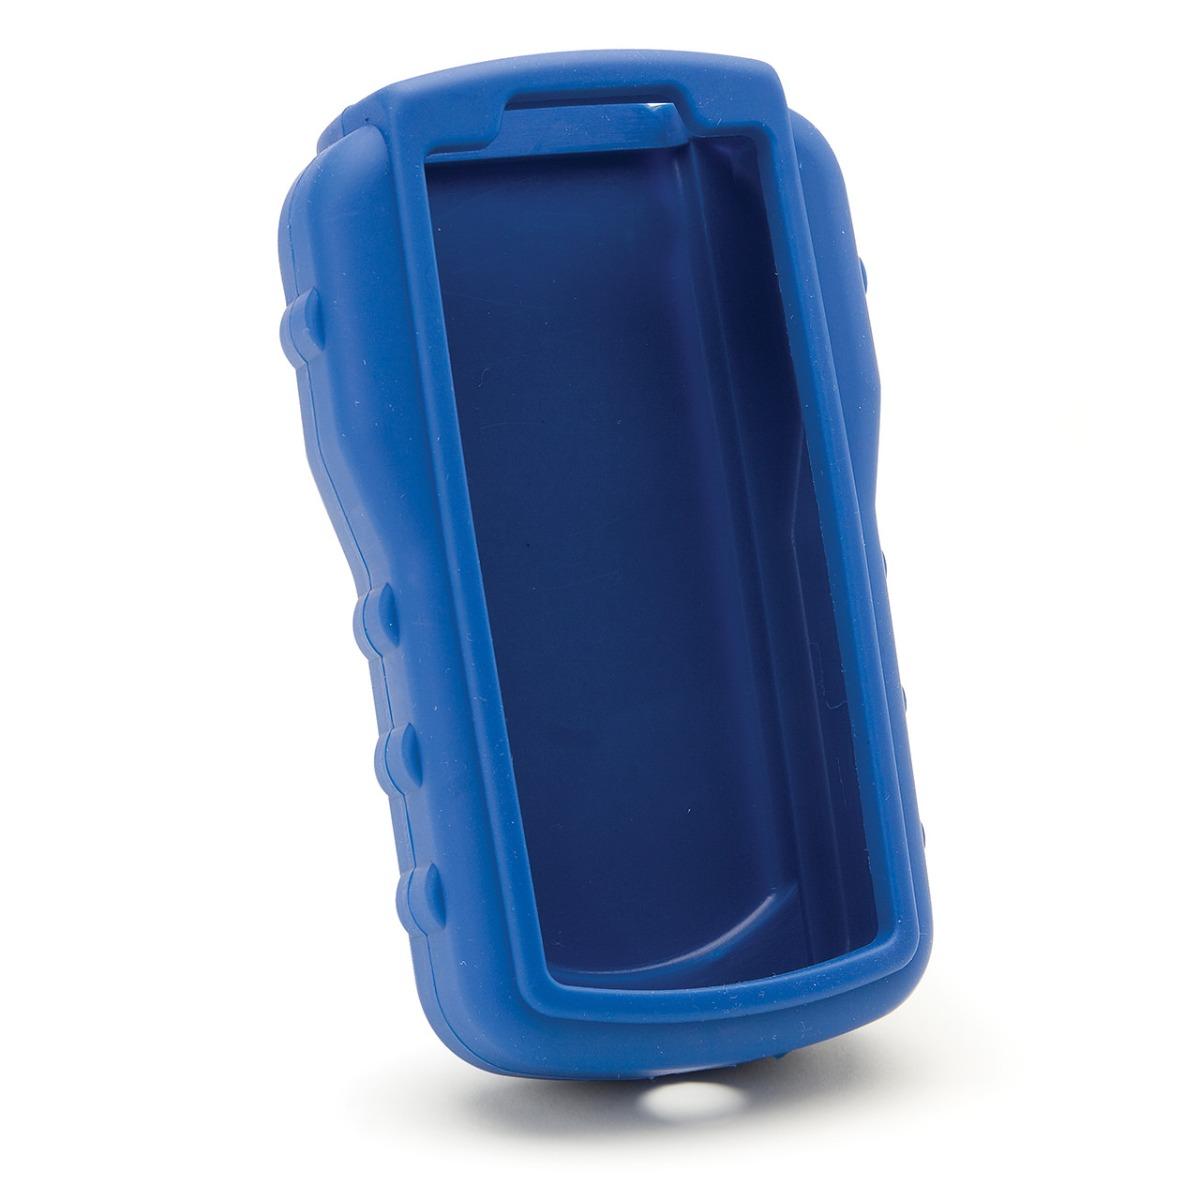 HI710007 Shockproof Rubber Boot (Blue)